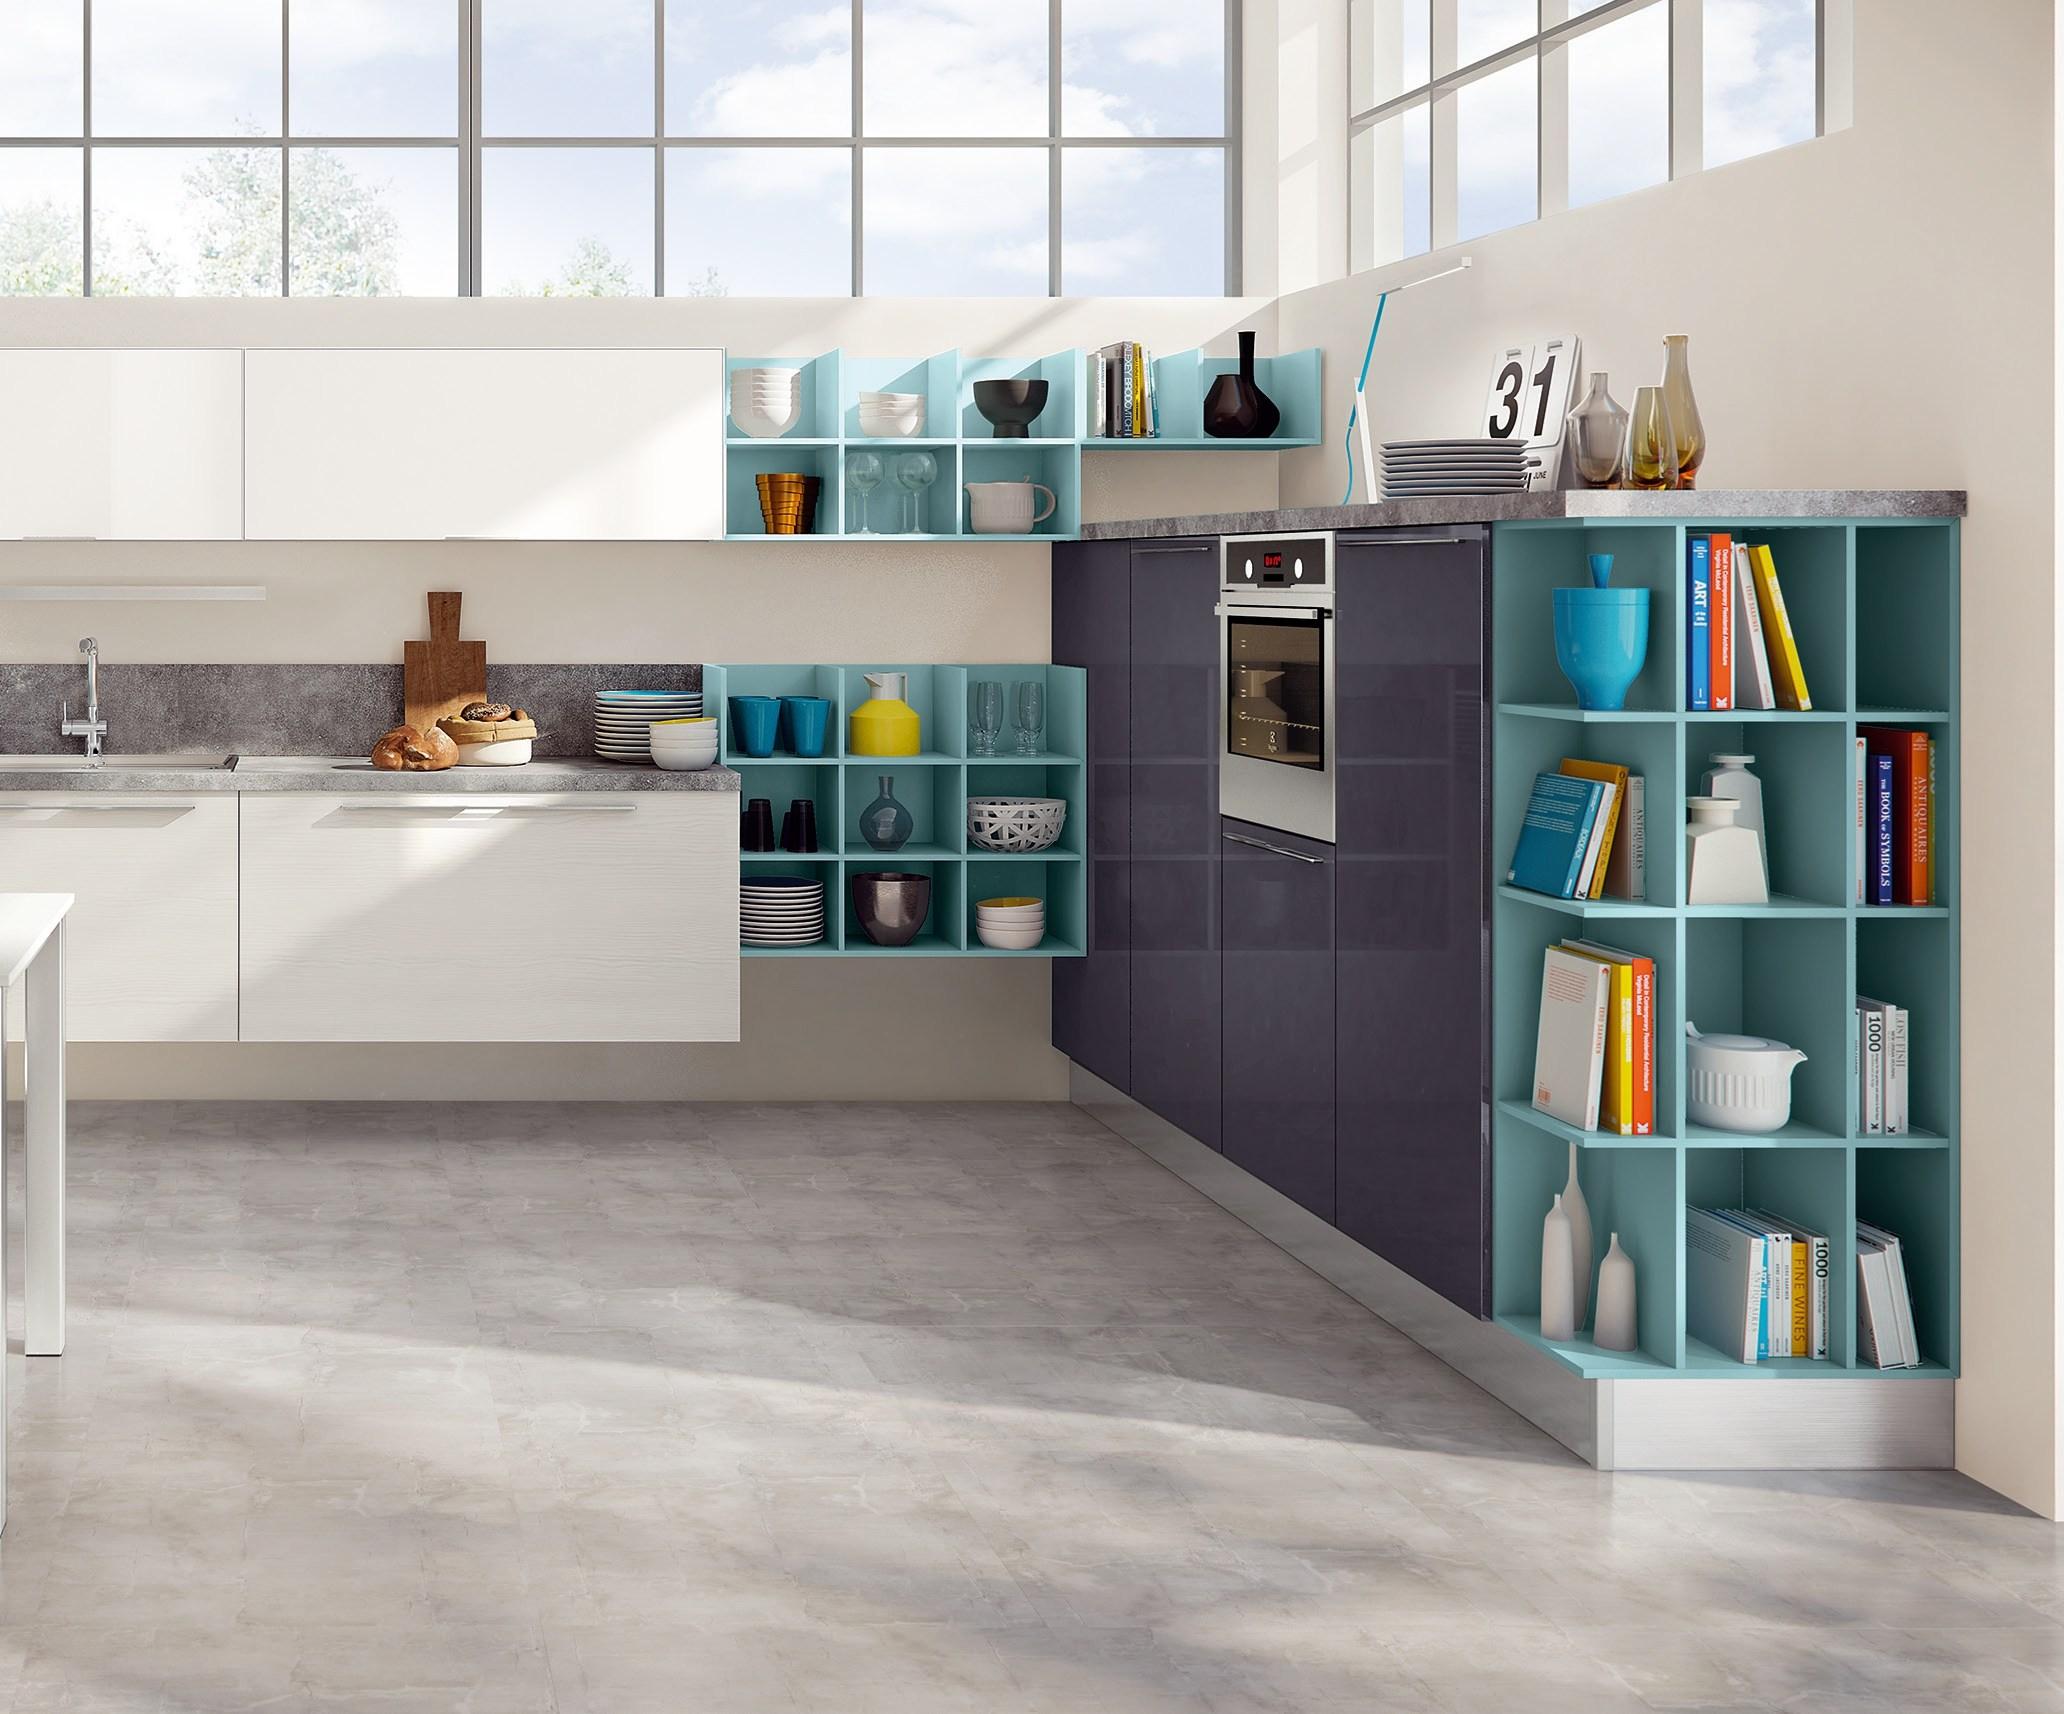 Elementi Cucina. Liberi In Cucina Di Alpes Inox Elementi Da Libero ...